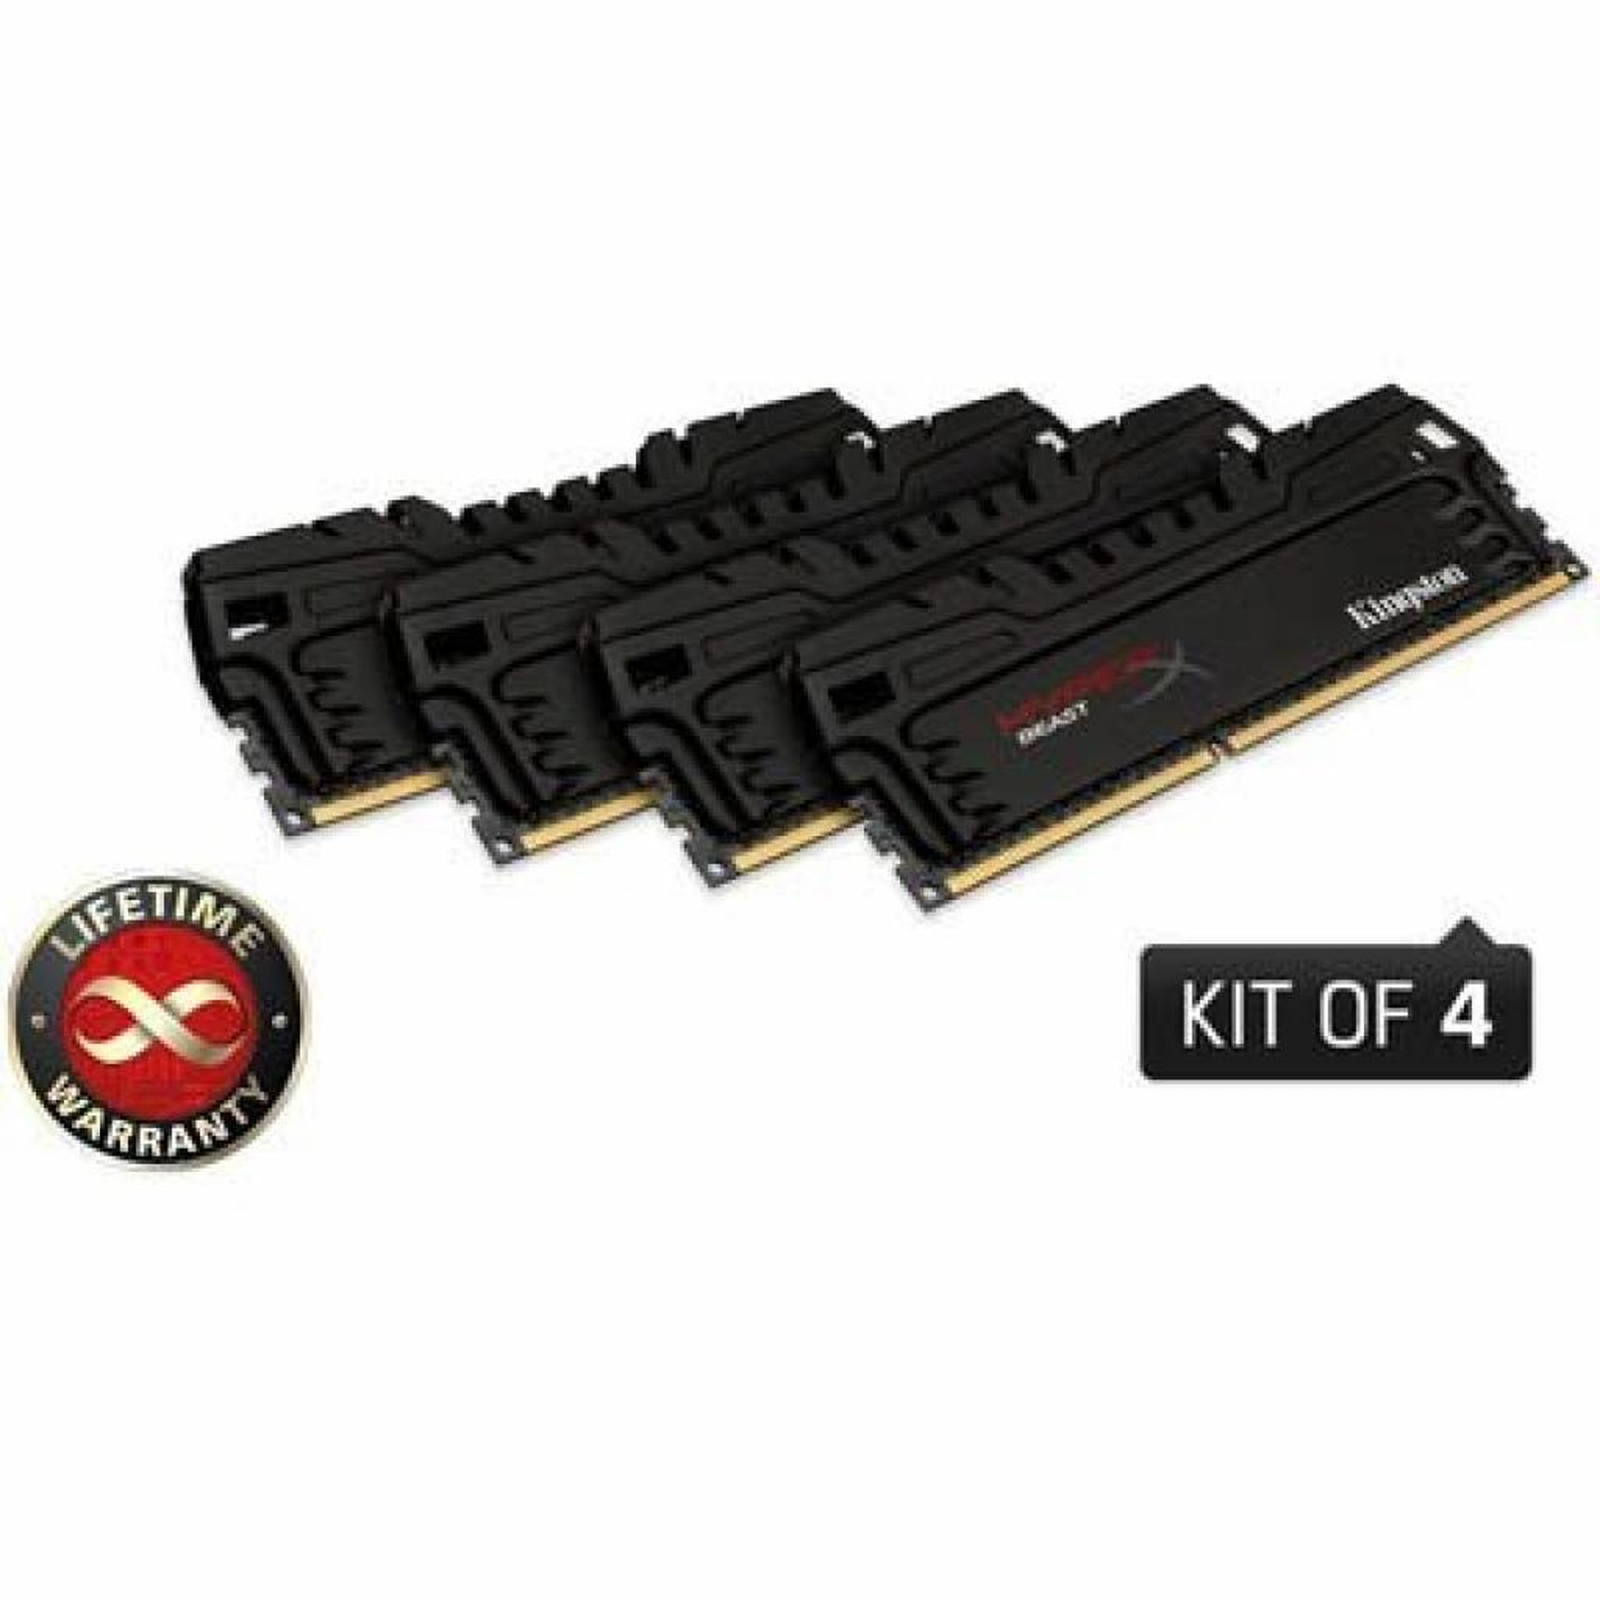 Модуль памяти для компьютера DDR3 16GB (4x4GB) 2400 MHz Kingston (KHX24C11T3K4/16X)